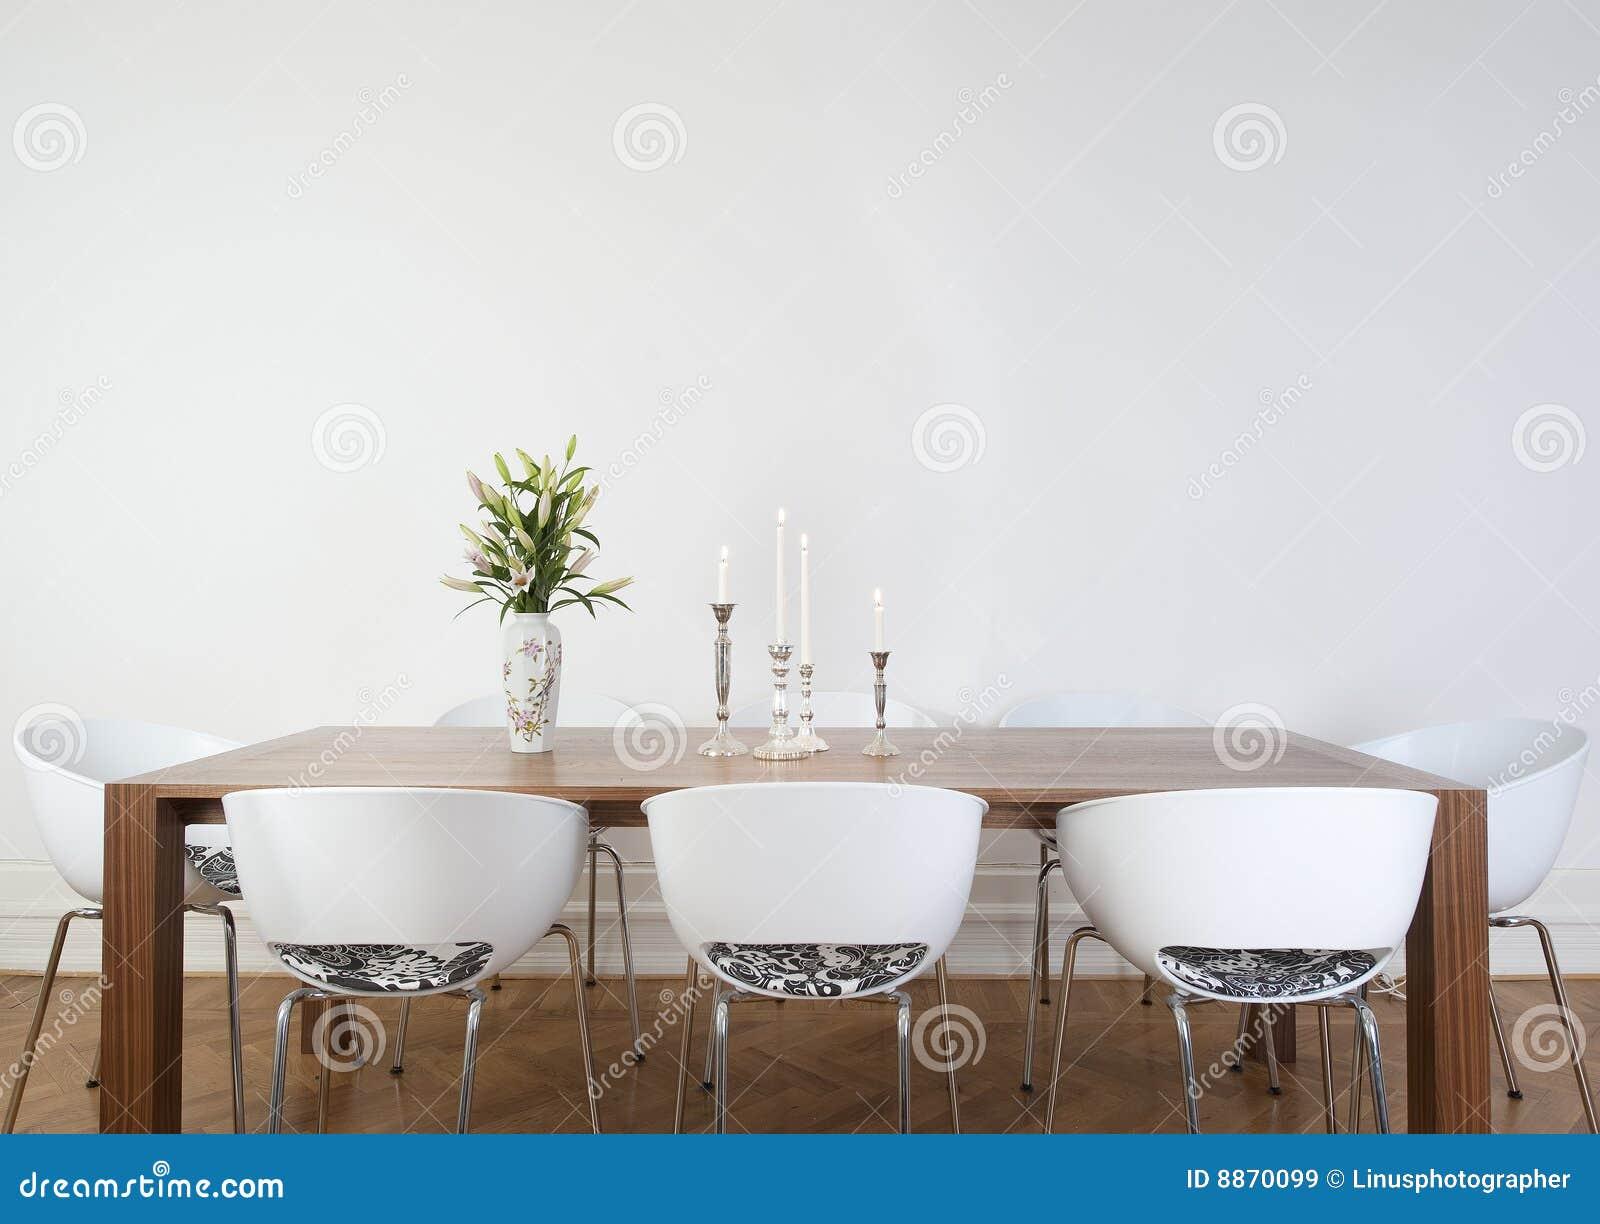 用餐现代空间